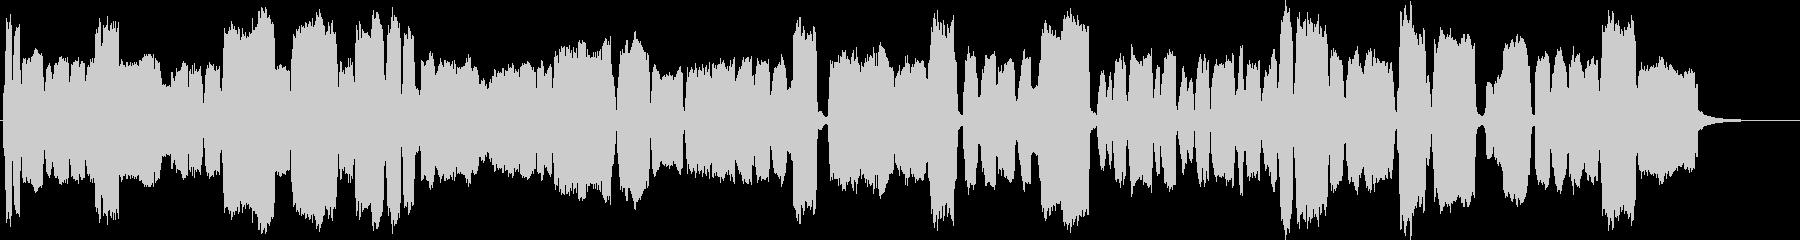 アンビエント教会オルガンのメロディ...の未再生の波形